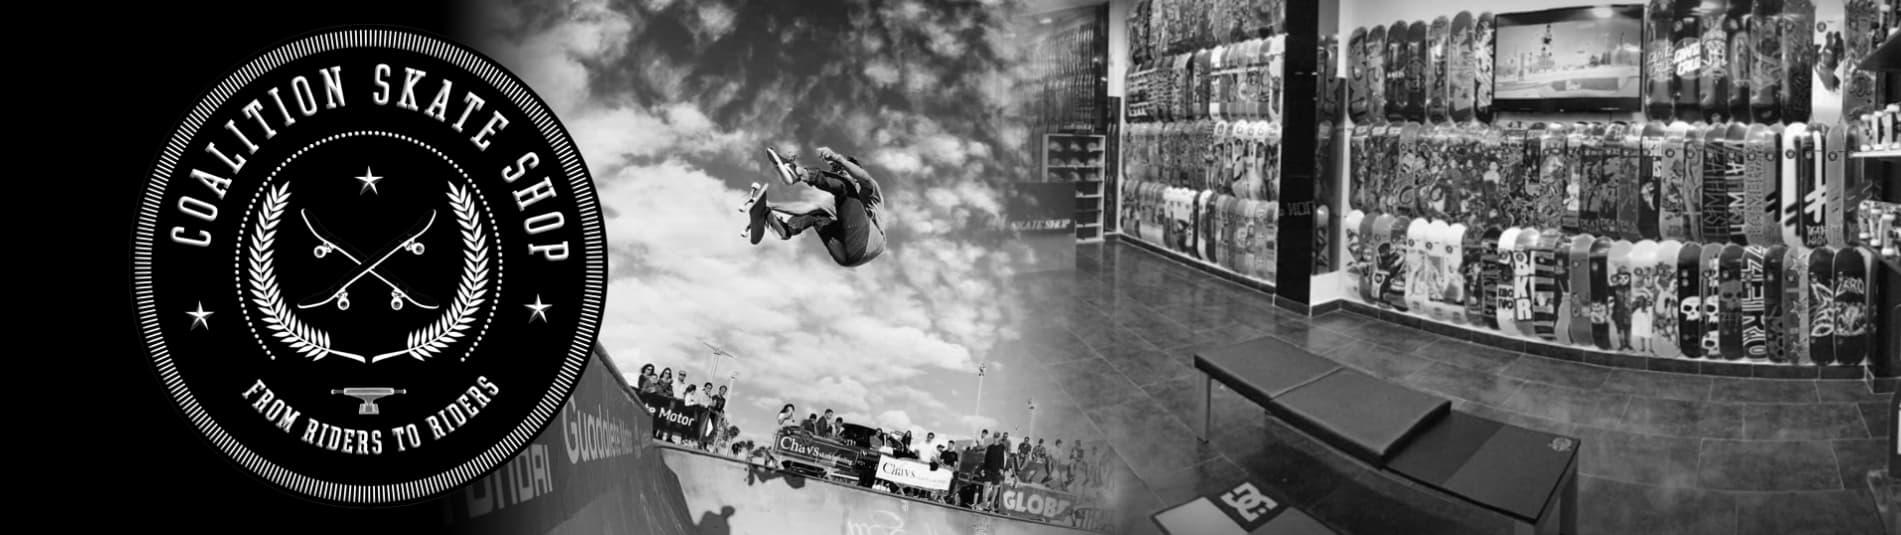 coalition skate shop